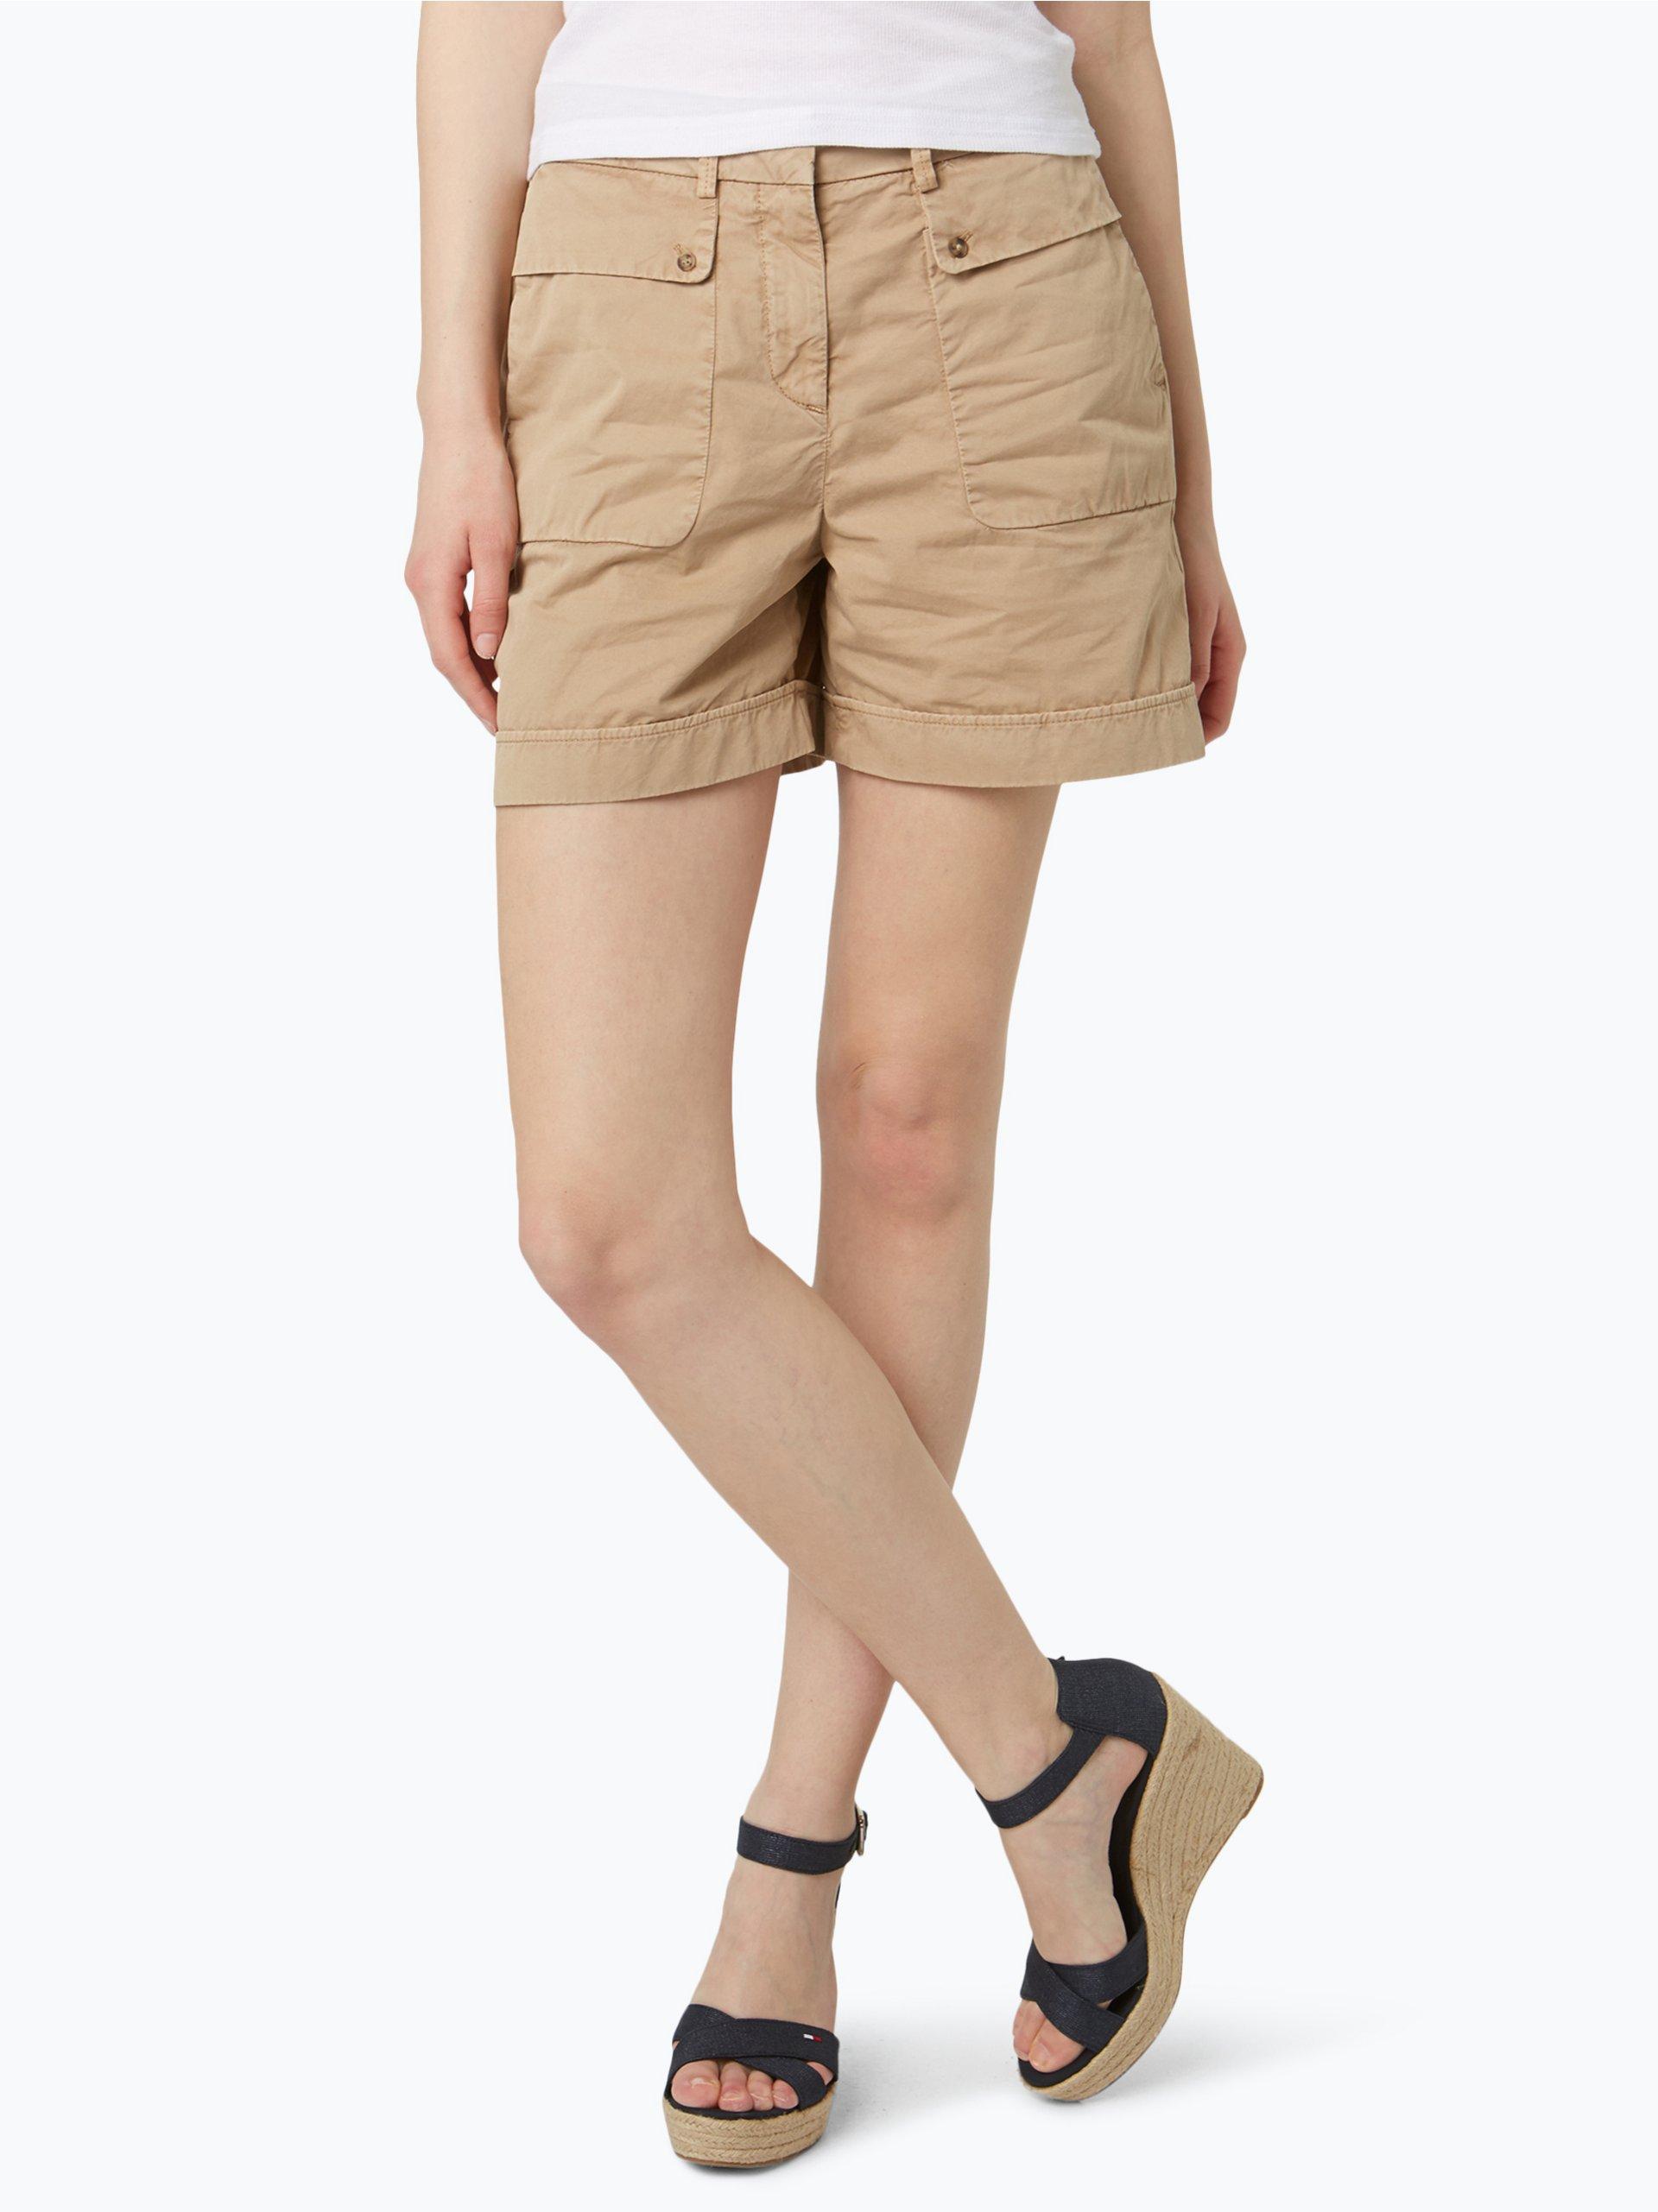 tommy hilfiger damen shorts tamara sand uni online. Black Bedroom Furniture Sets. Home Design Ideas